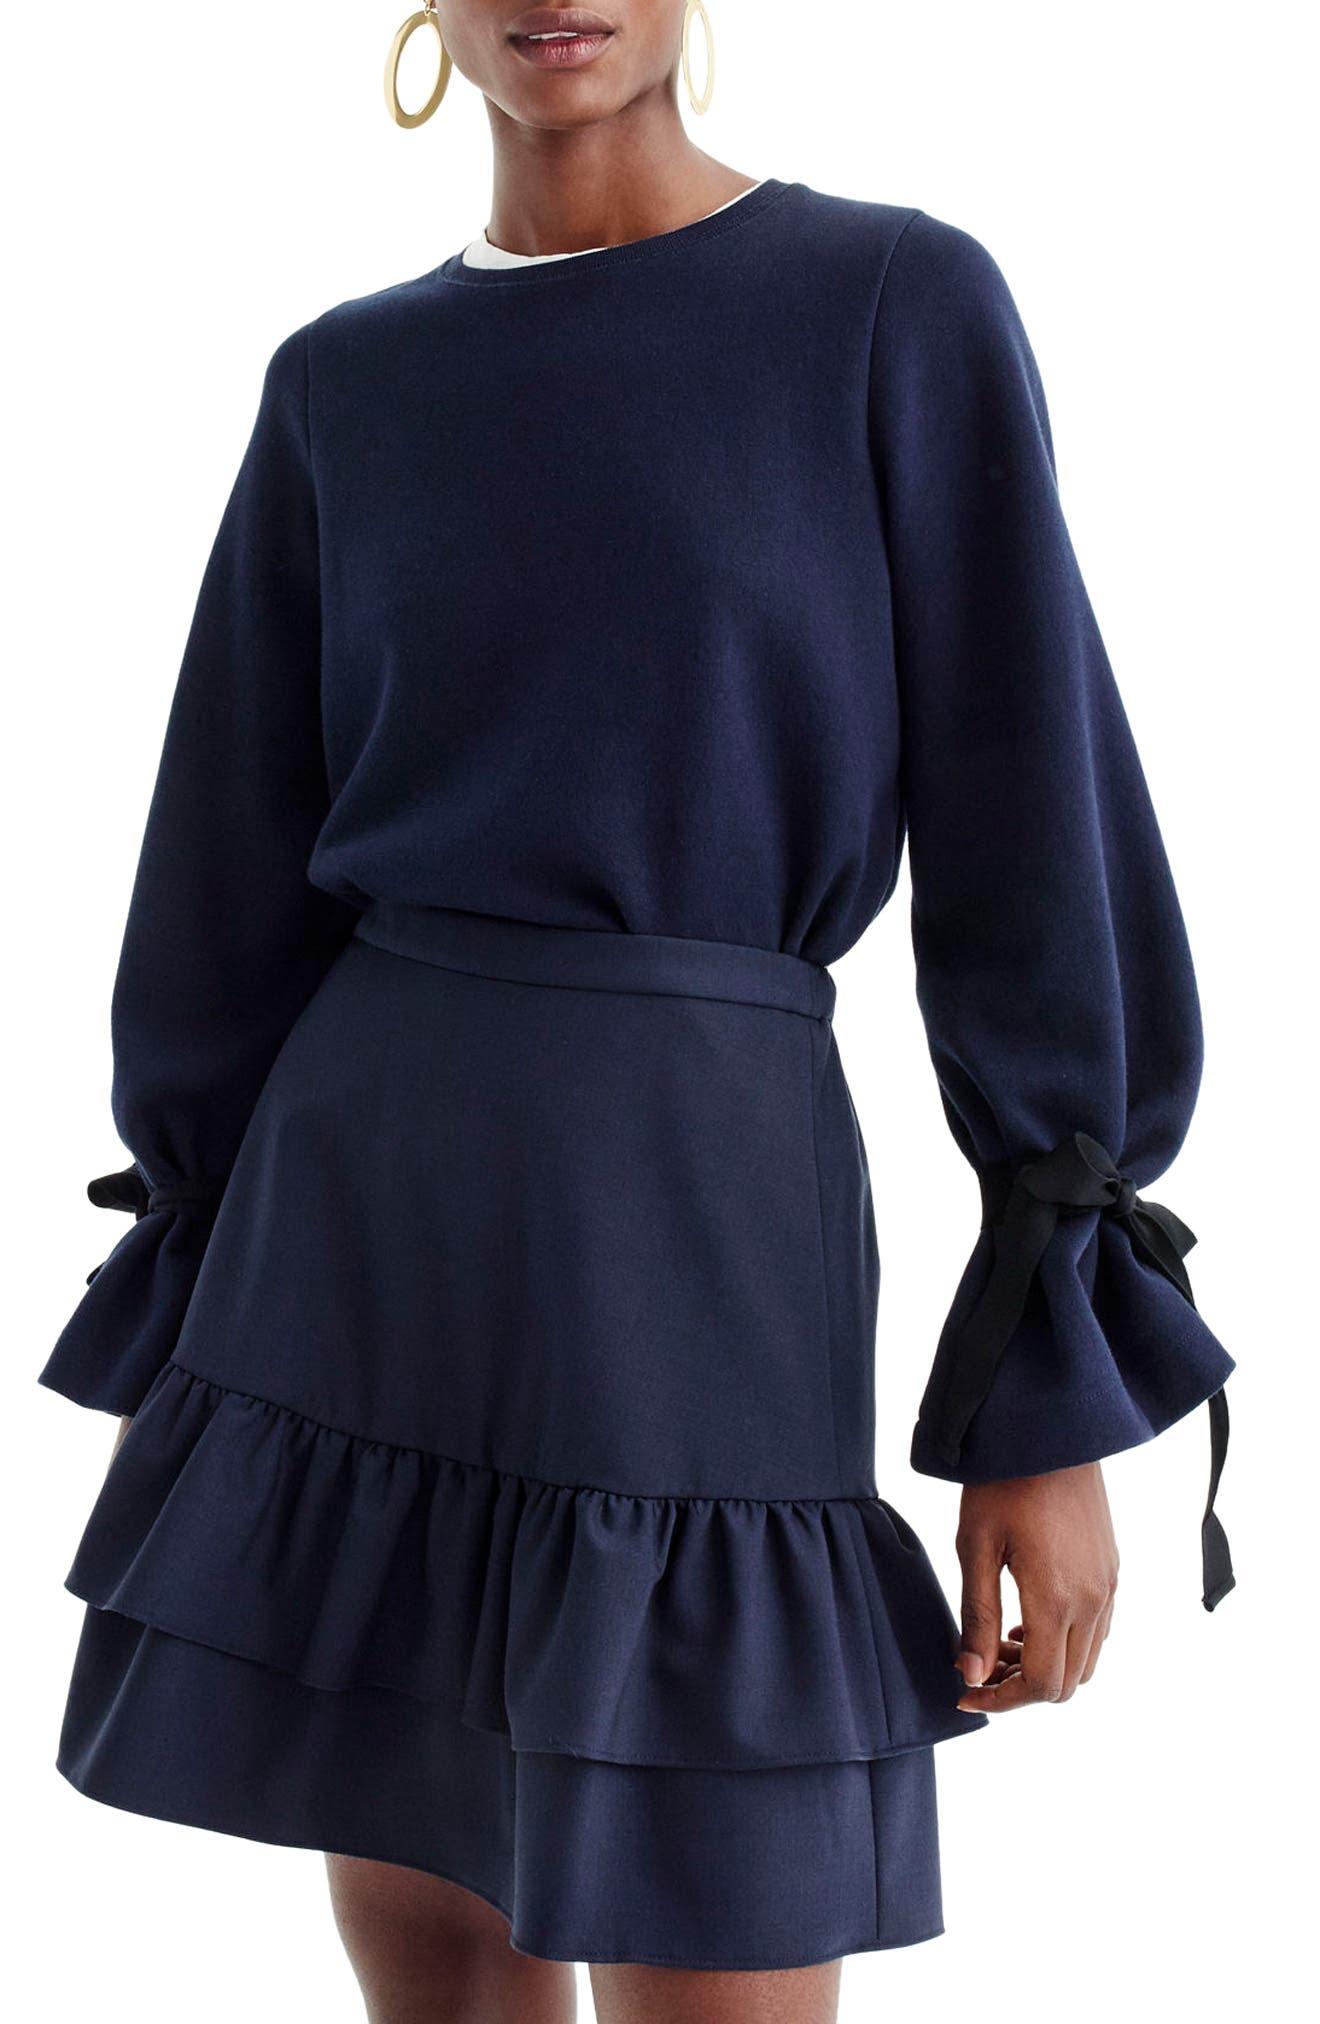 J.Crew Tie Sleeve Sweatshirt,                         Main,                         color, Navy